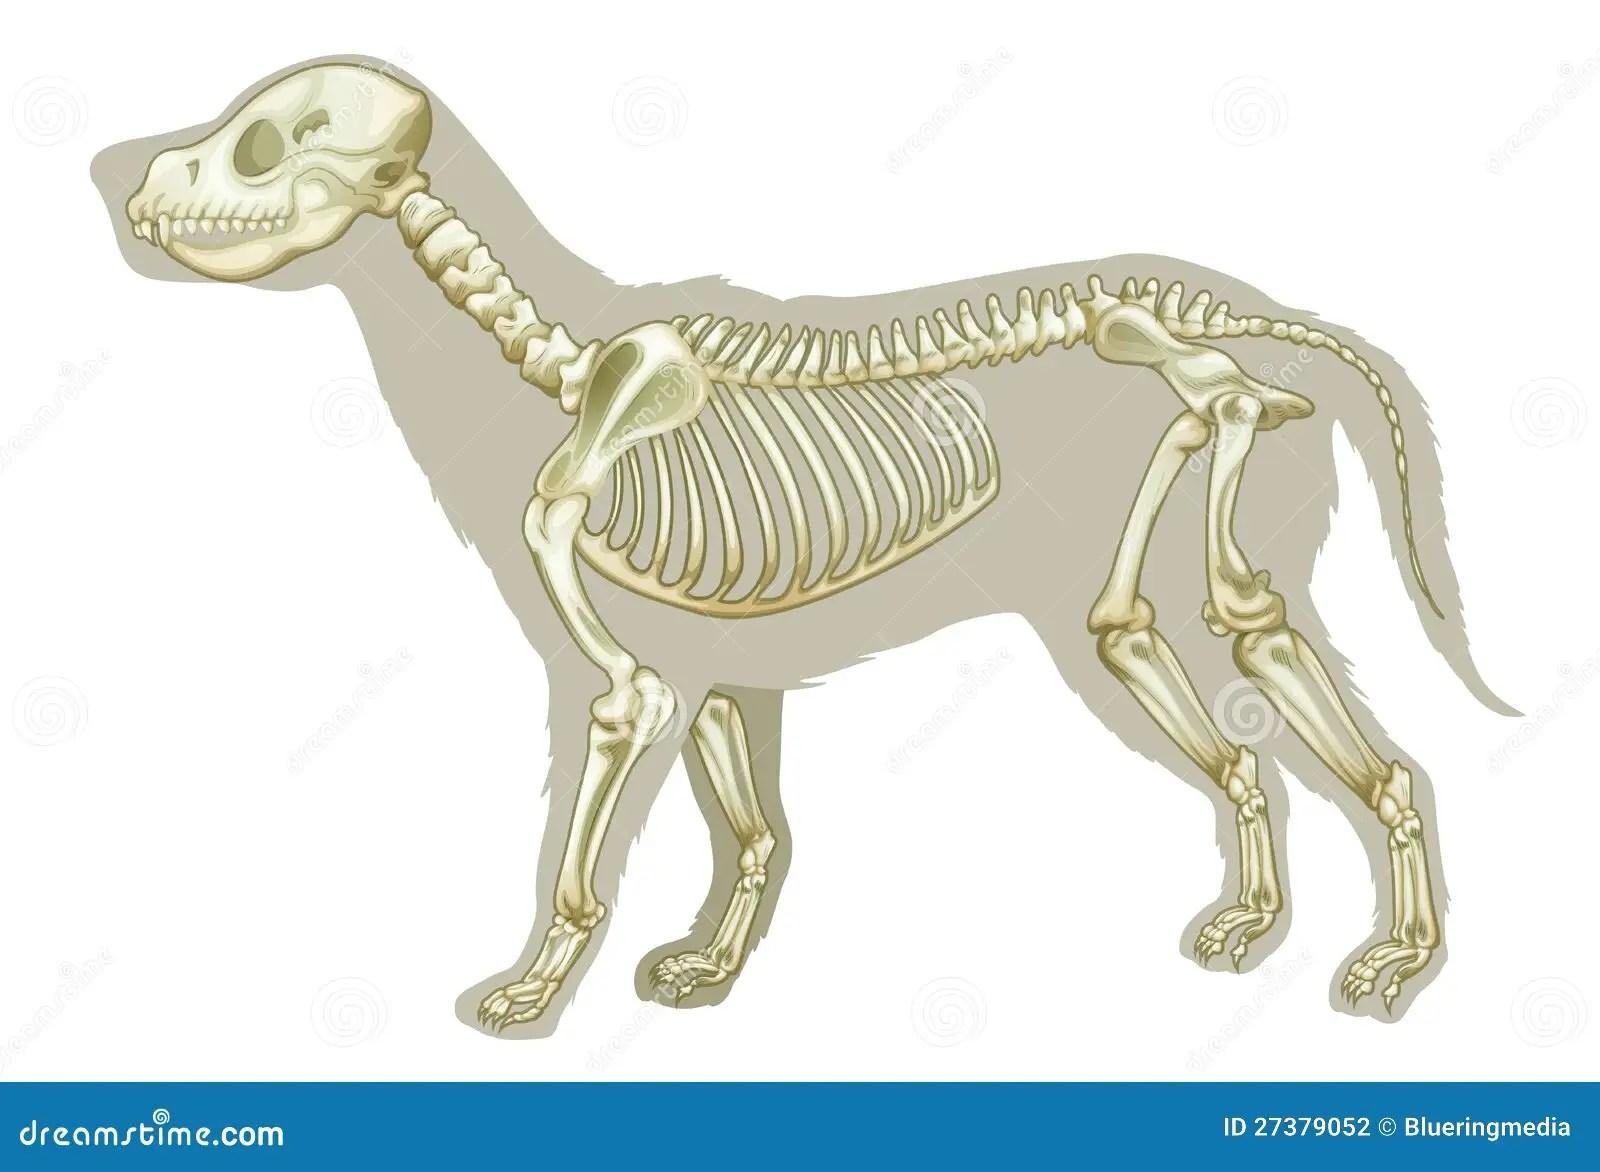 wolf skeleton diagram stewart warner gauge wiring canis lupus familiaris - stock illustration image: 27379052